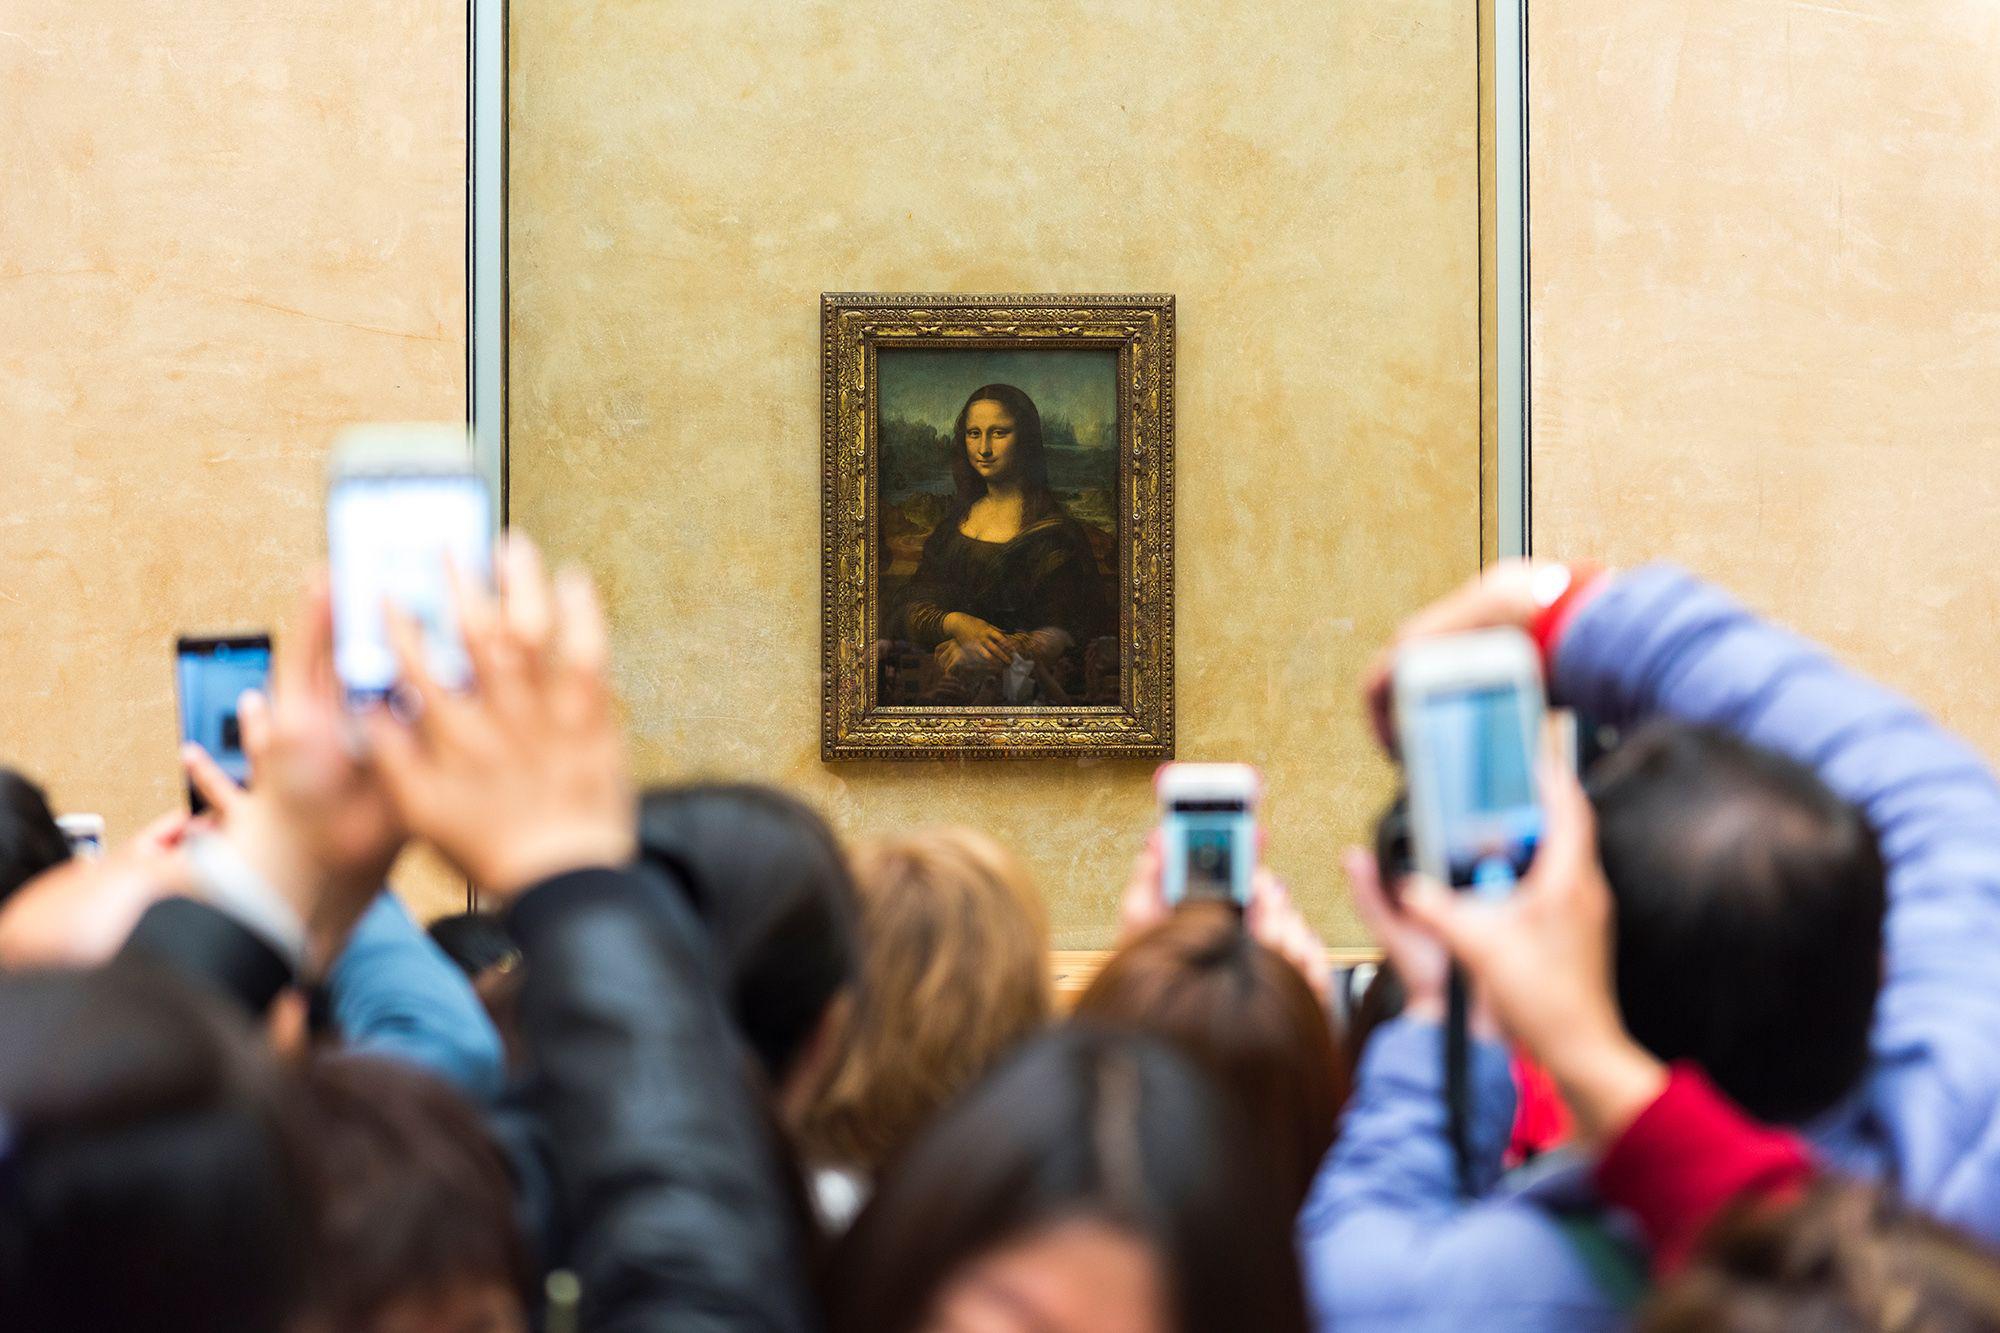 Miễn phí tham quan online, bảo tàng Louvre nổi tiếng của Pháp tạo ra giao diện thực tế ảo cho du khách khám phá - Ảnh 2.